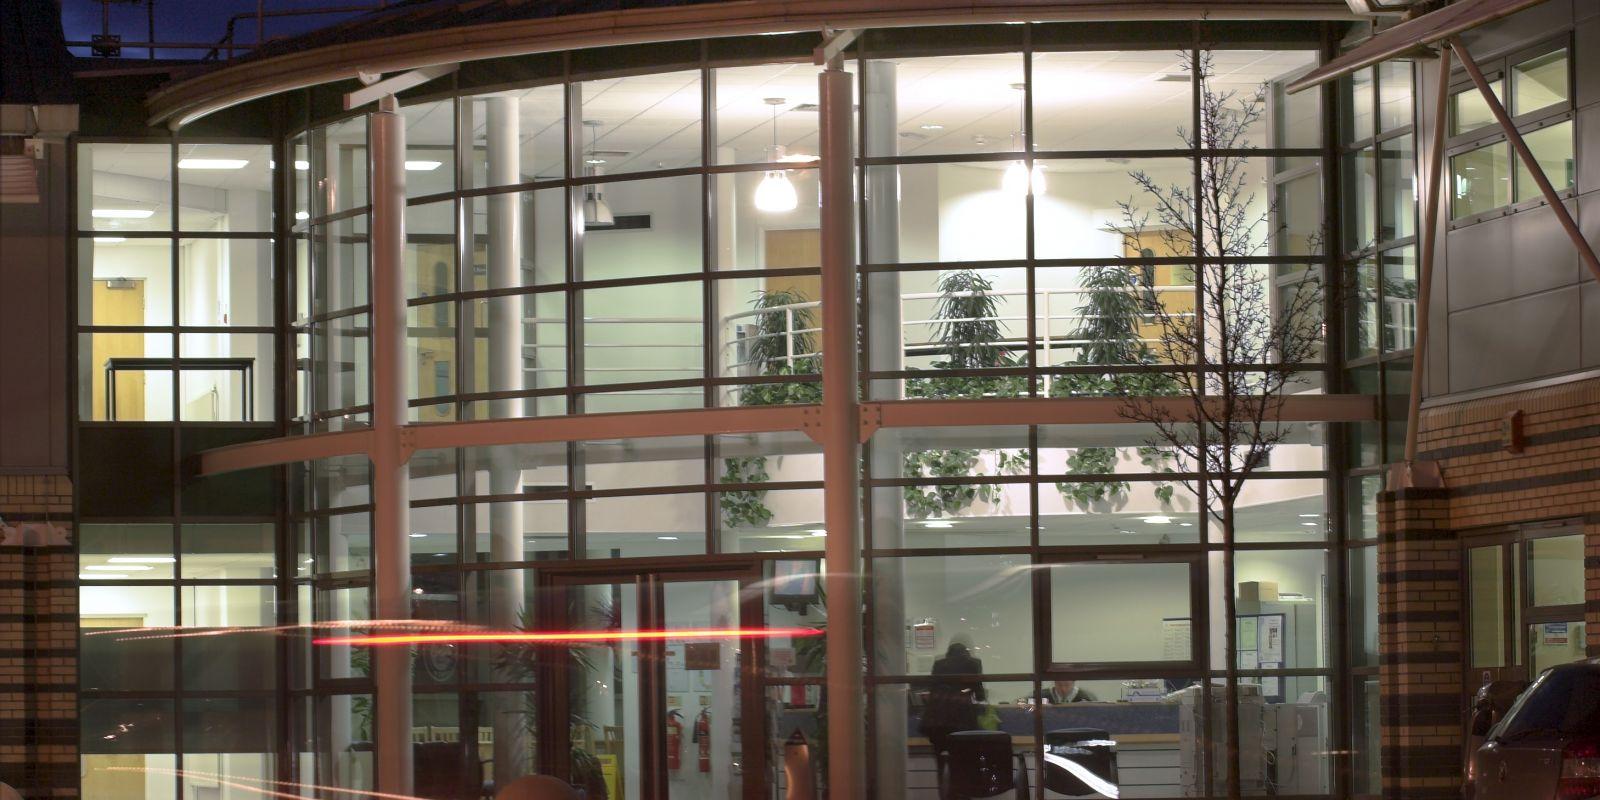 Europarc III FEZ Image 3